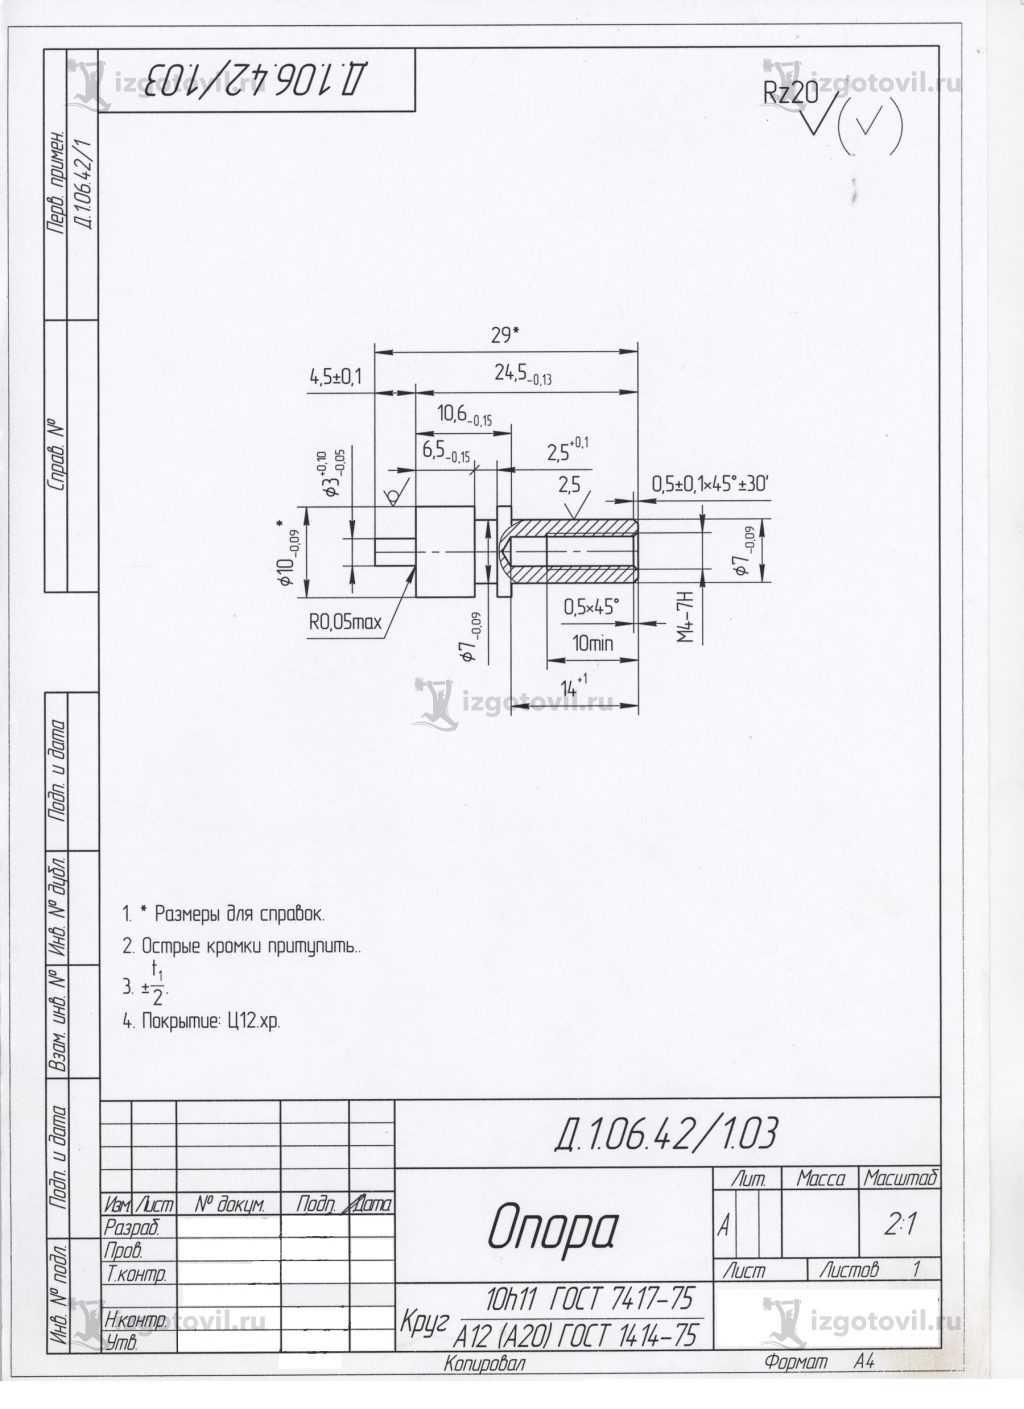 Токарная обработка ЧПУ: изготовление опор